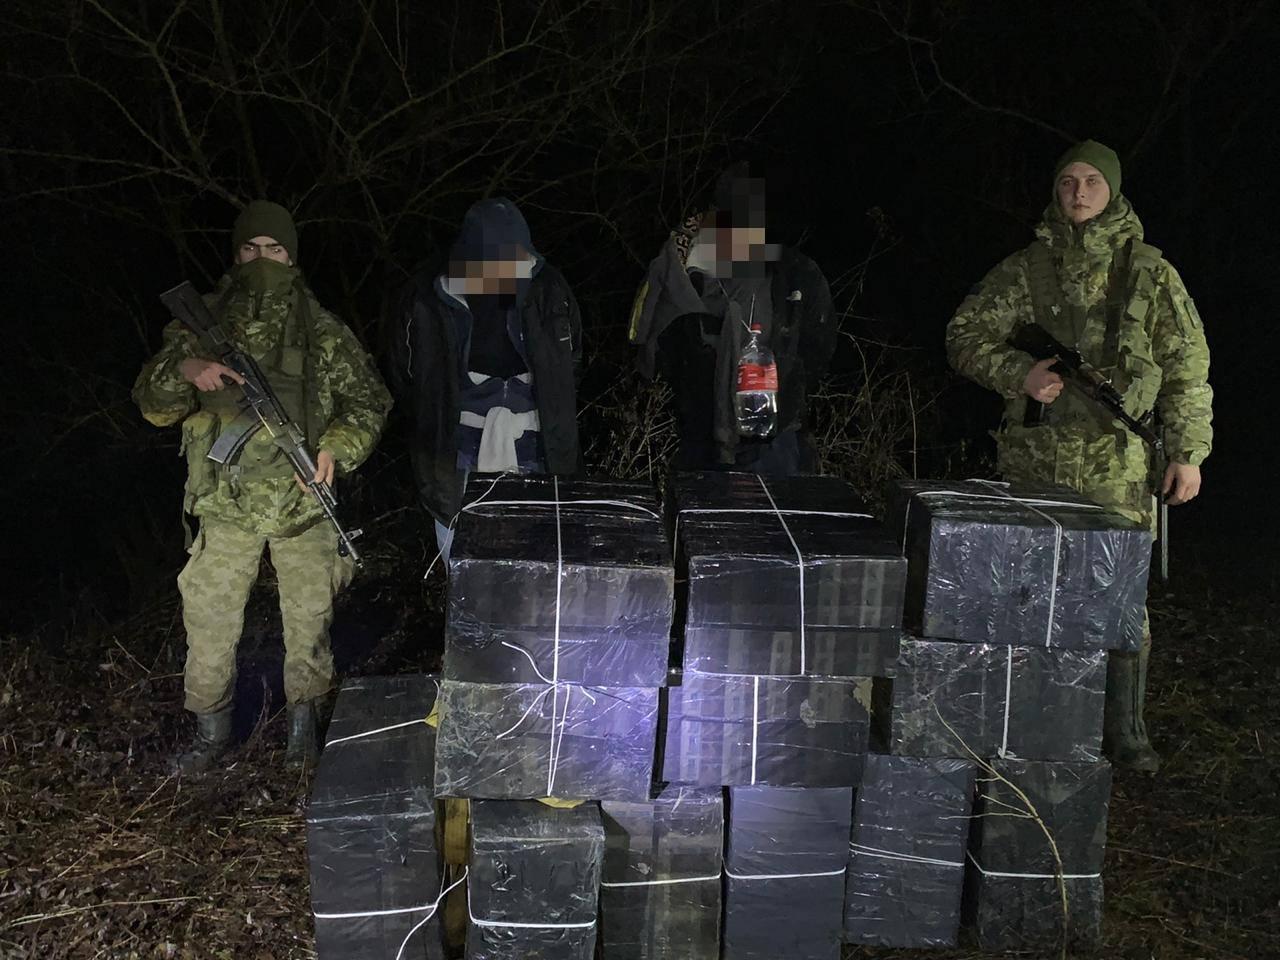 Затримано контрабандистів, які хотіли переправити до Угорщини майже 10 тисяч пачок сигарет